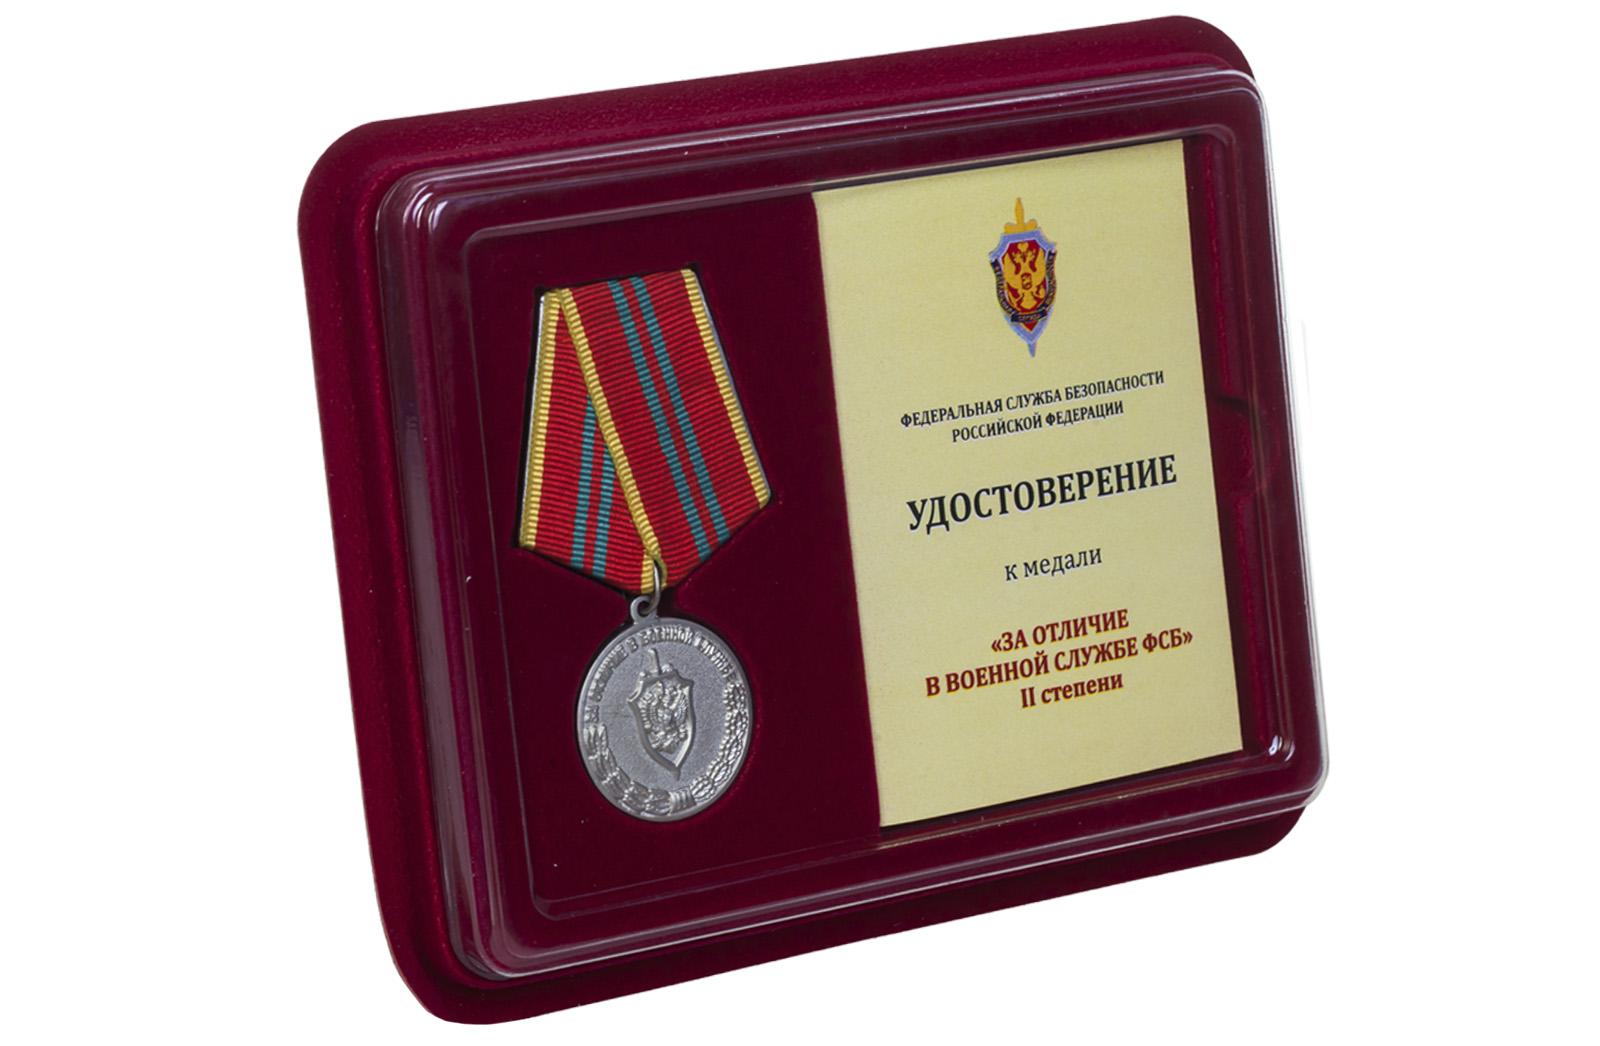 Купить ведомственную медаль За отличие в военной службе ФСБ II степени оптом выгодно